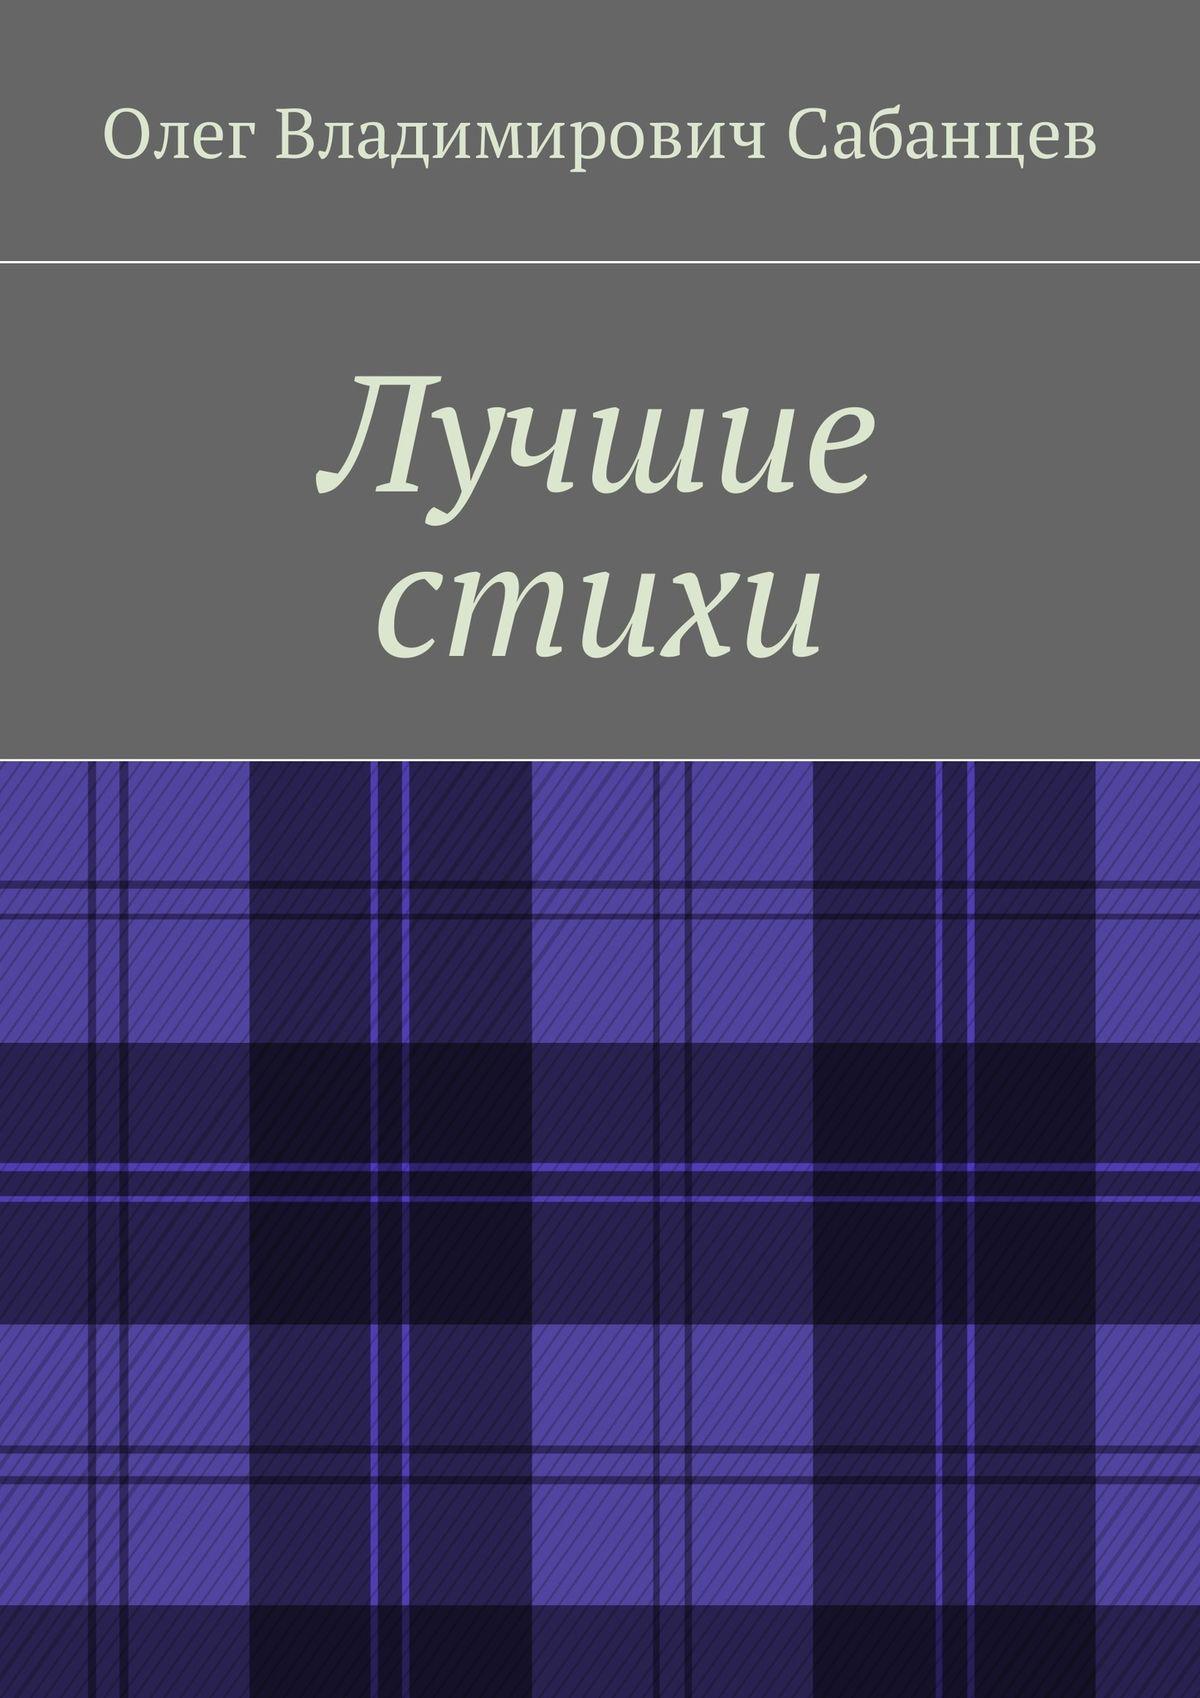 Олег Владимирович Сабанцев Лучшие стихи